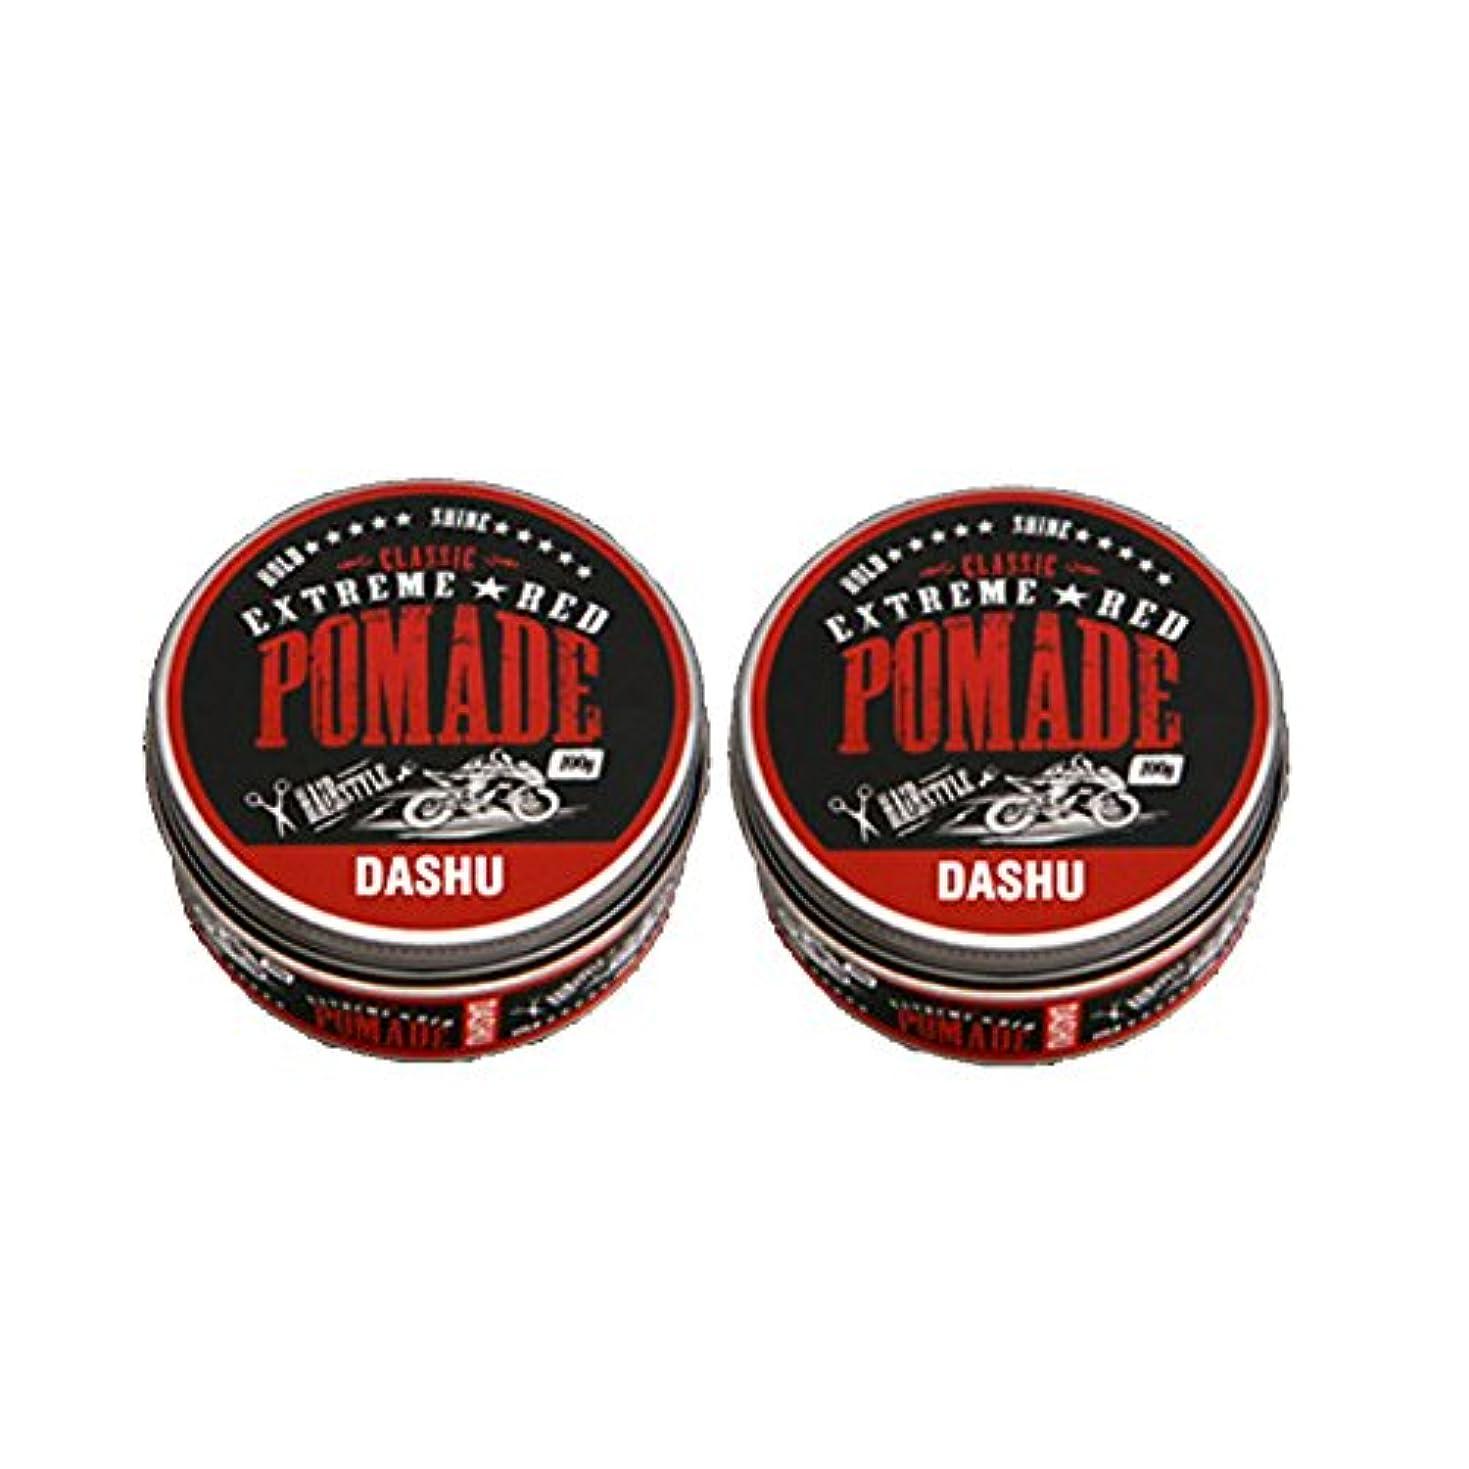 知り合いなんでもより(2個セット) x [DASHU] ダシュ クラシックエクストリームレッドポマード Classic Extreme Red Pomade Hair Wax 100ml / 韓国製 . 韓国直送品